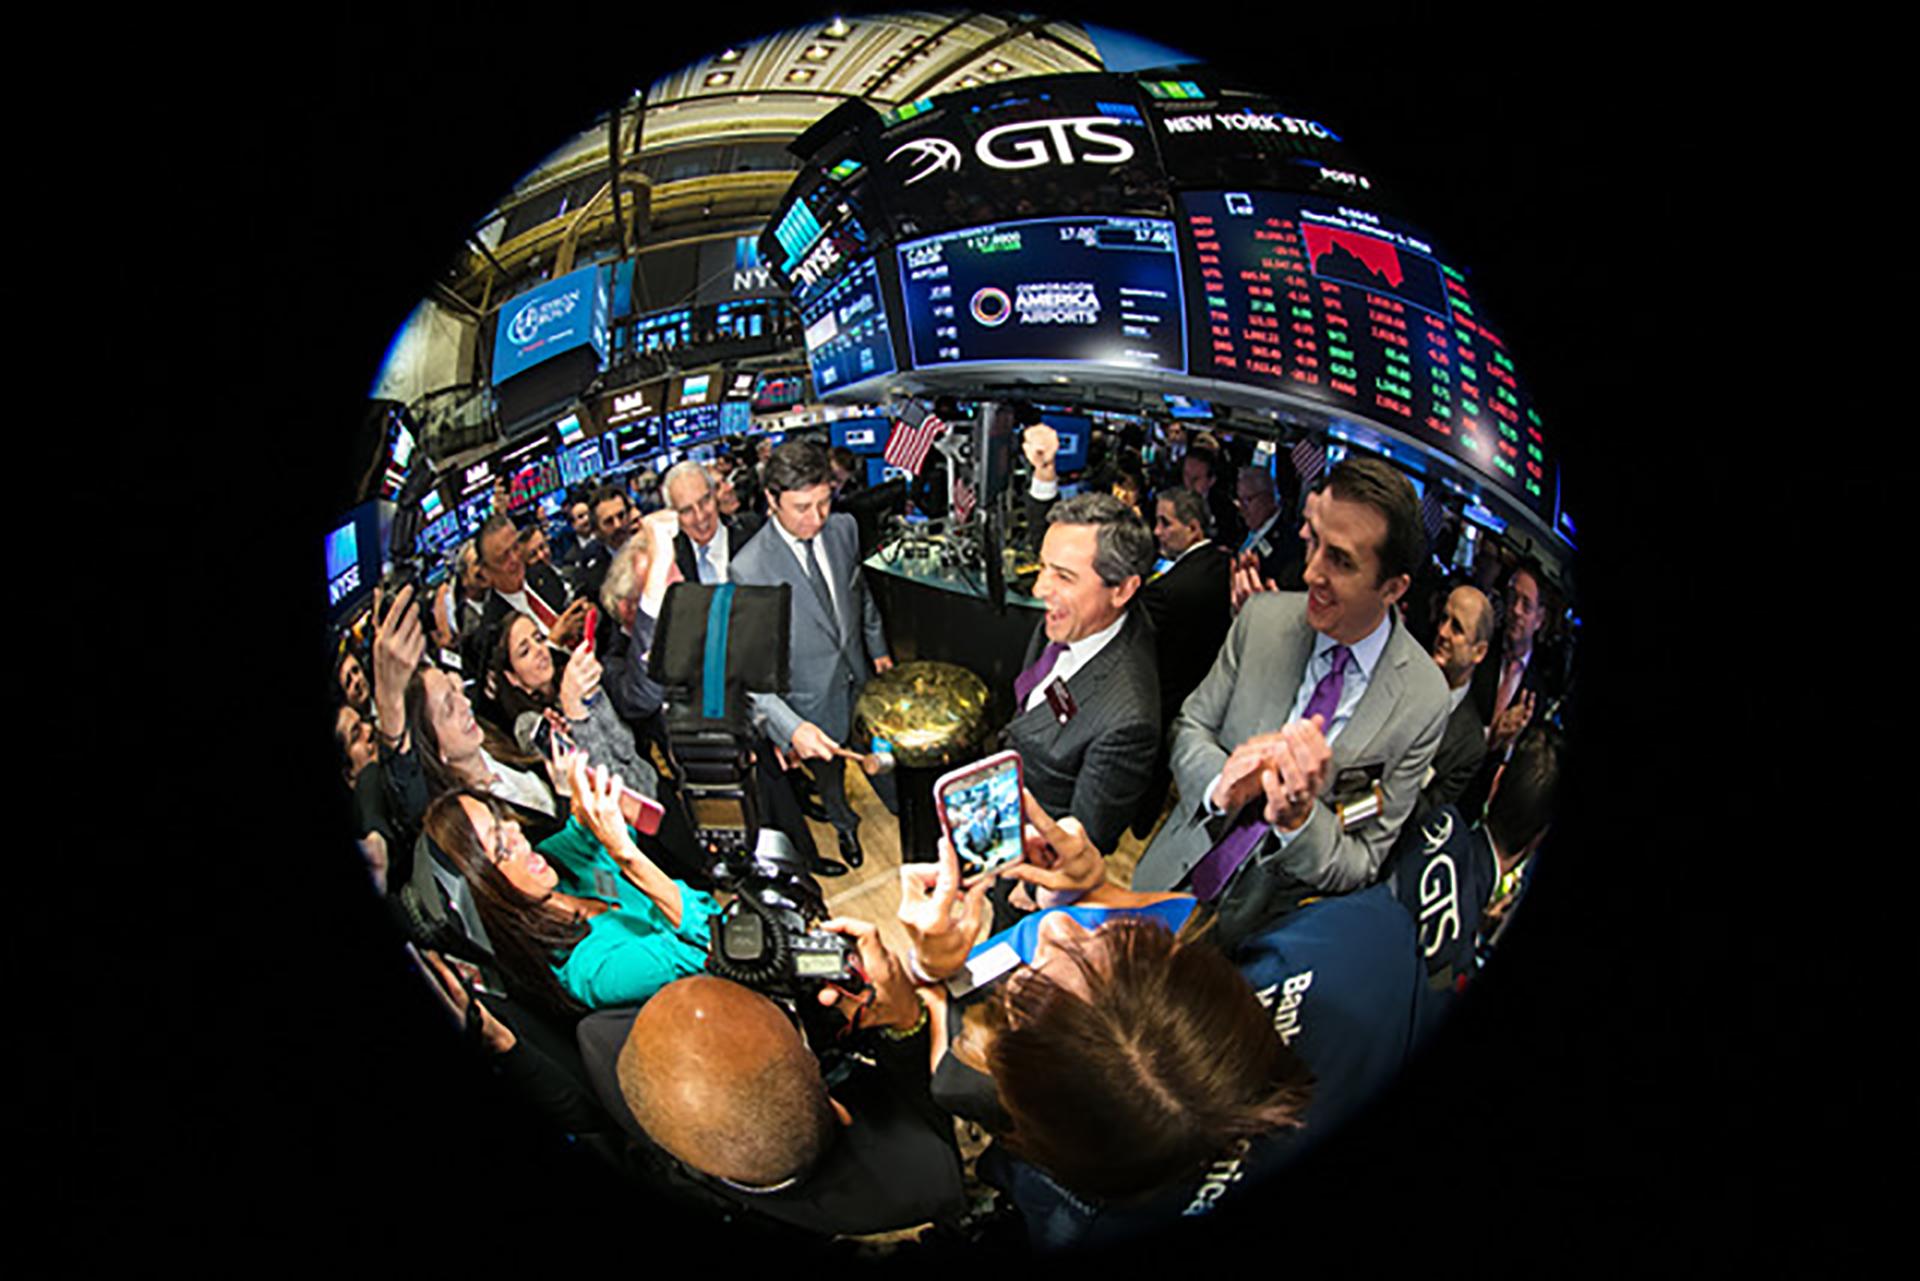 Ceremonia de toque de campana en el trading floor de la bolsa de valores de Nueva York.